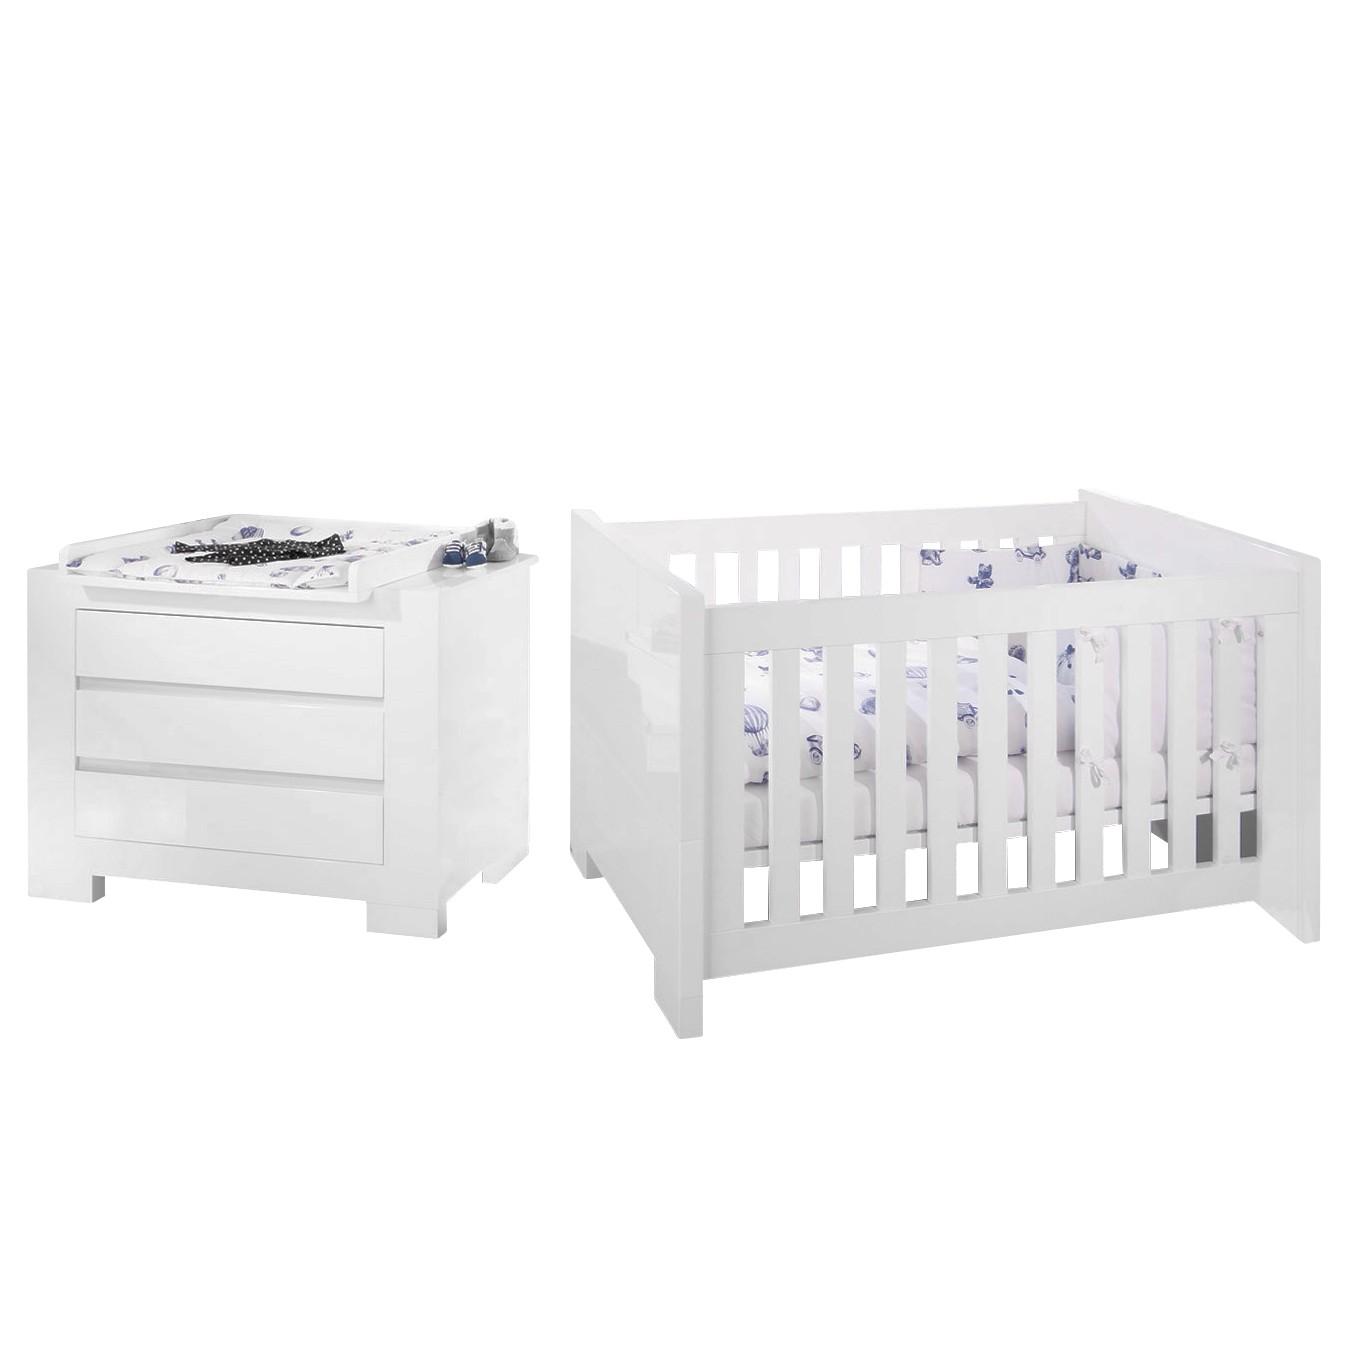 Home 24 - Ensemble économique pour chambre de bébé sky - vernis blanc, pinolino